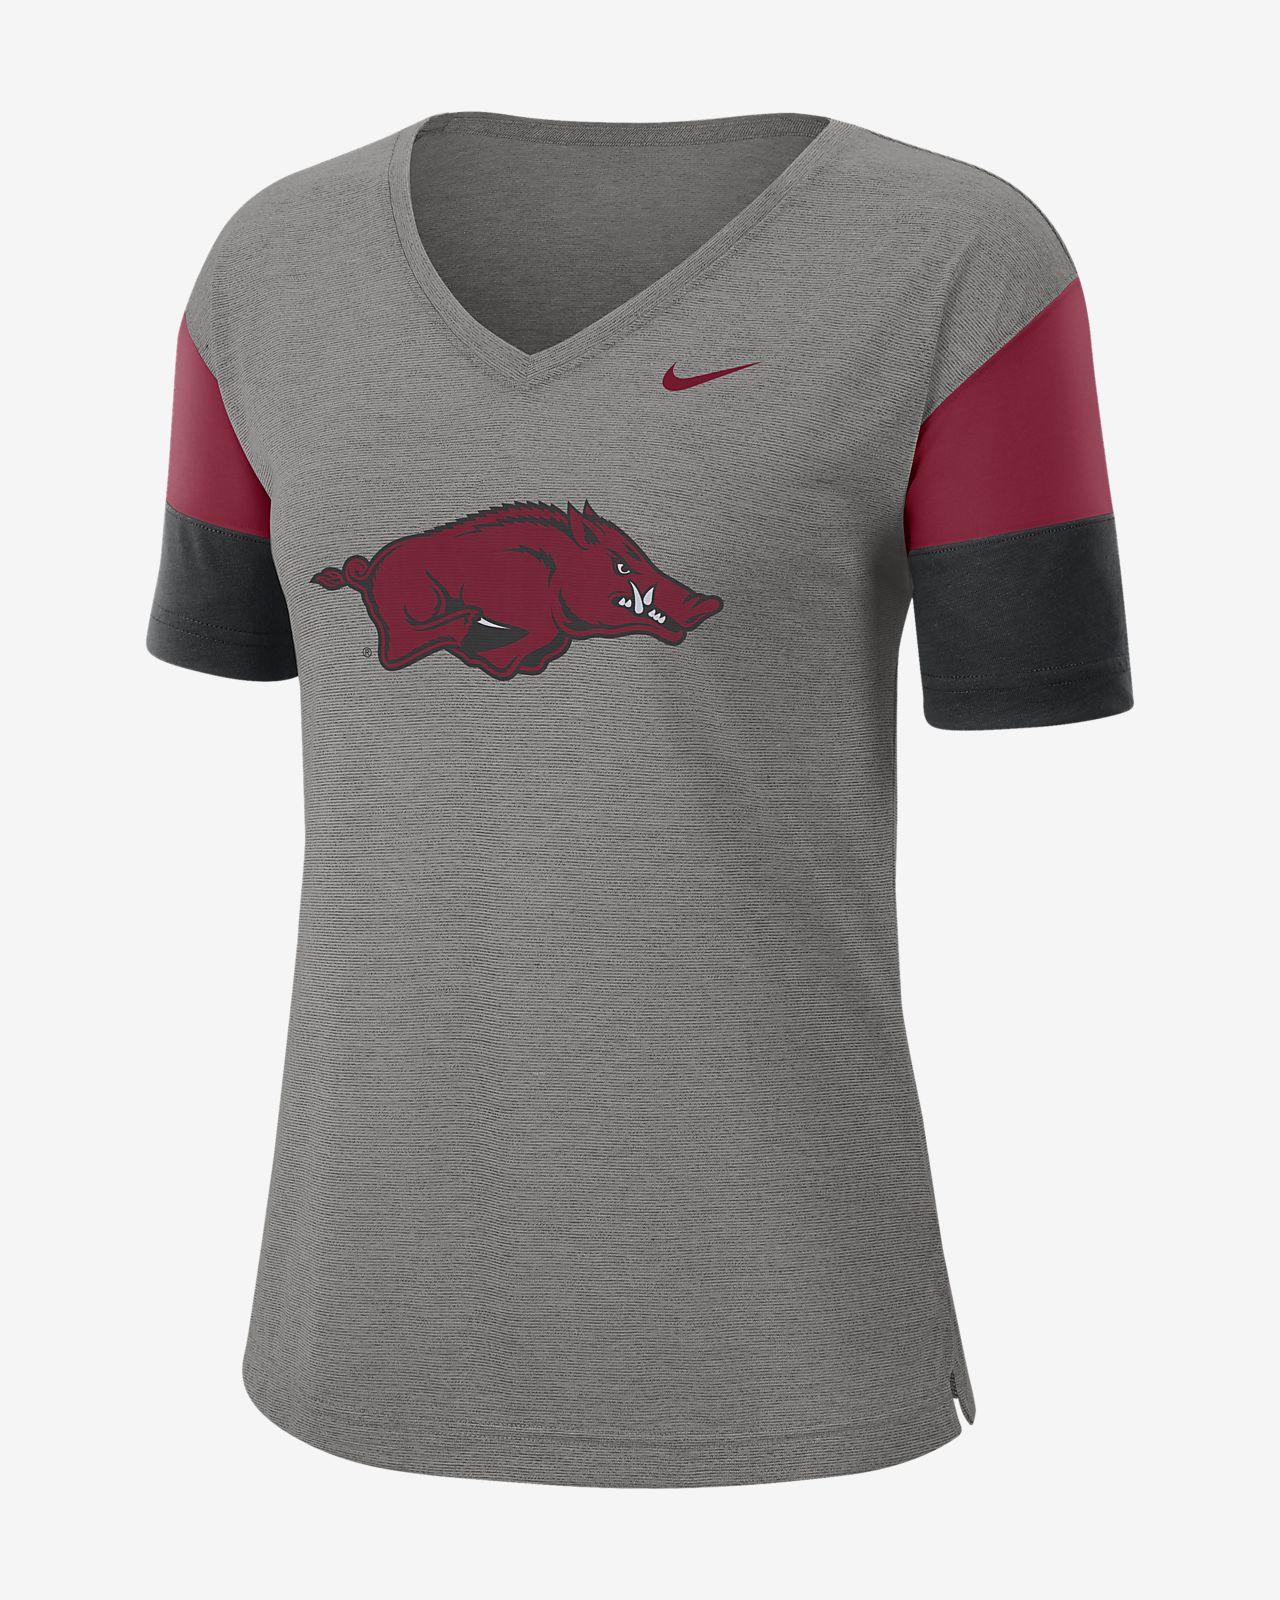 Nike College Breathe (Arkansas) Women's Short-Sleeve V-Neck Top